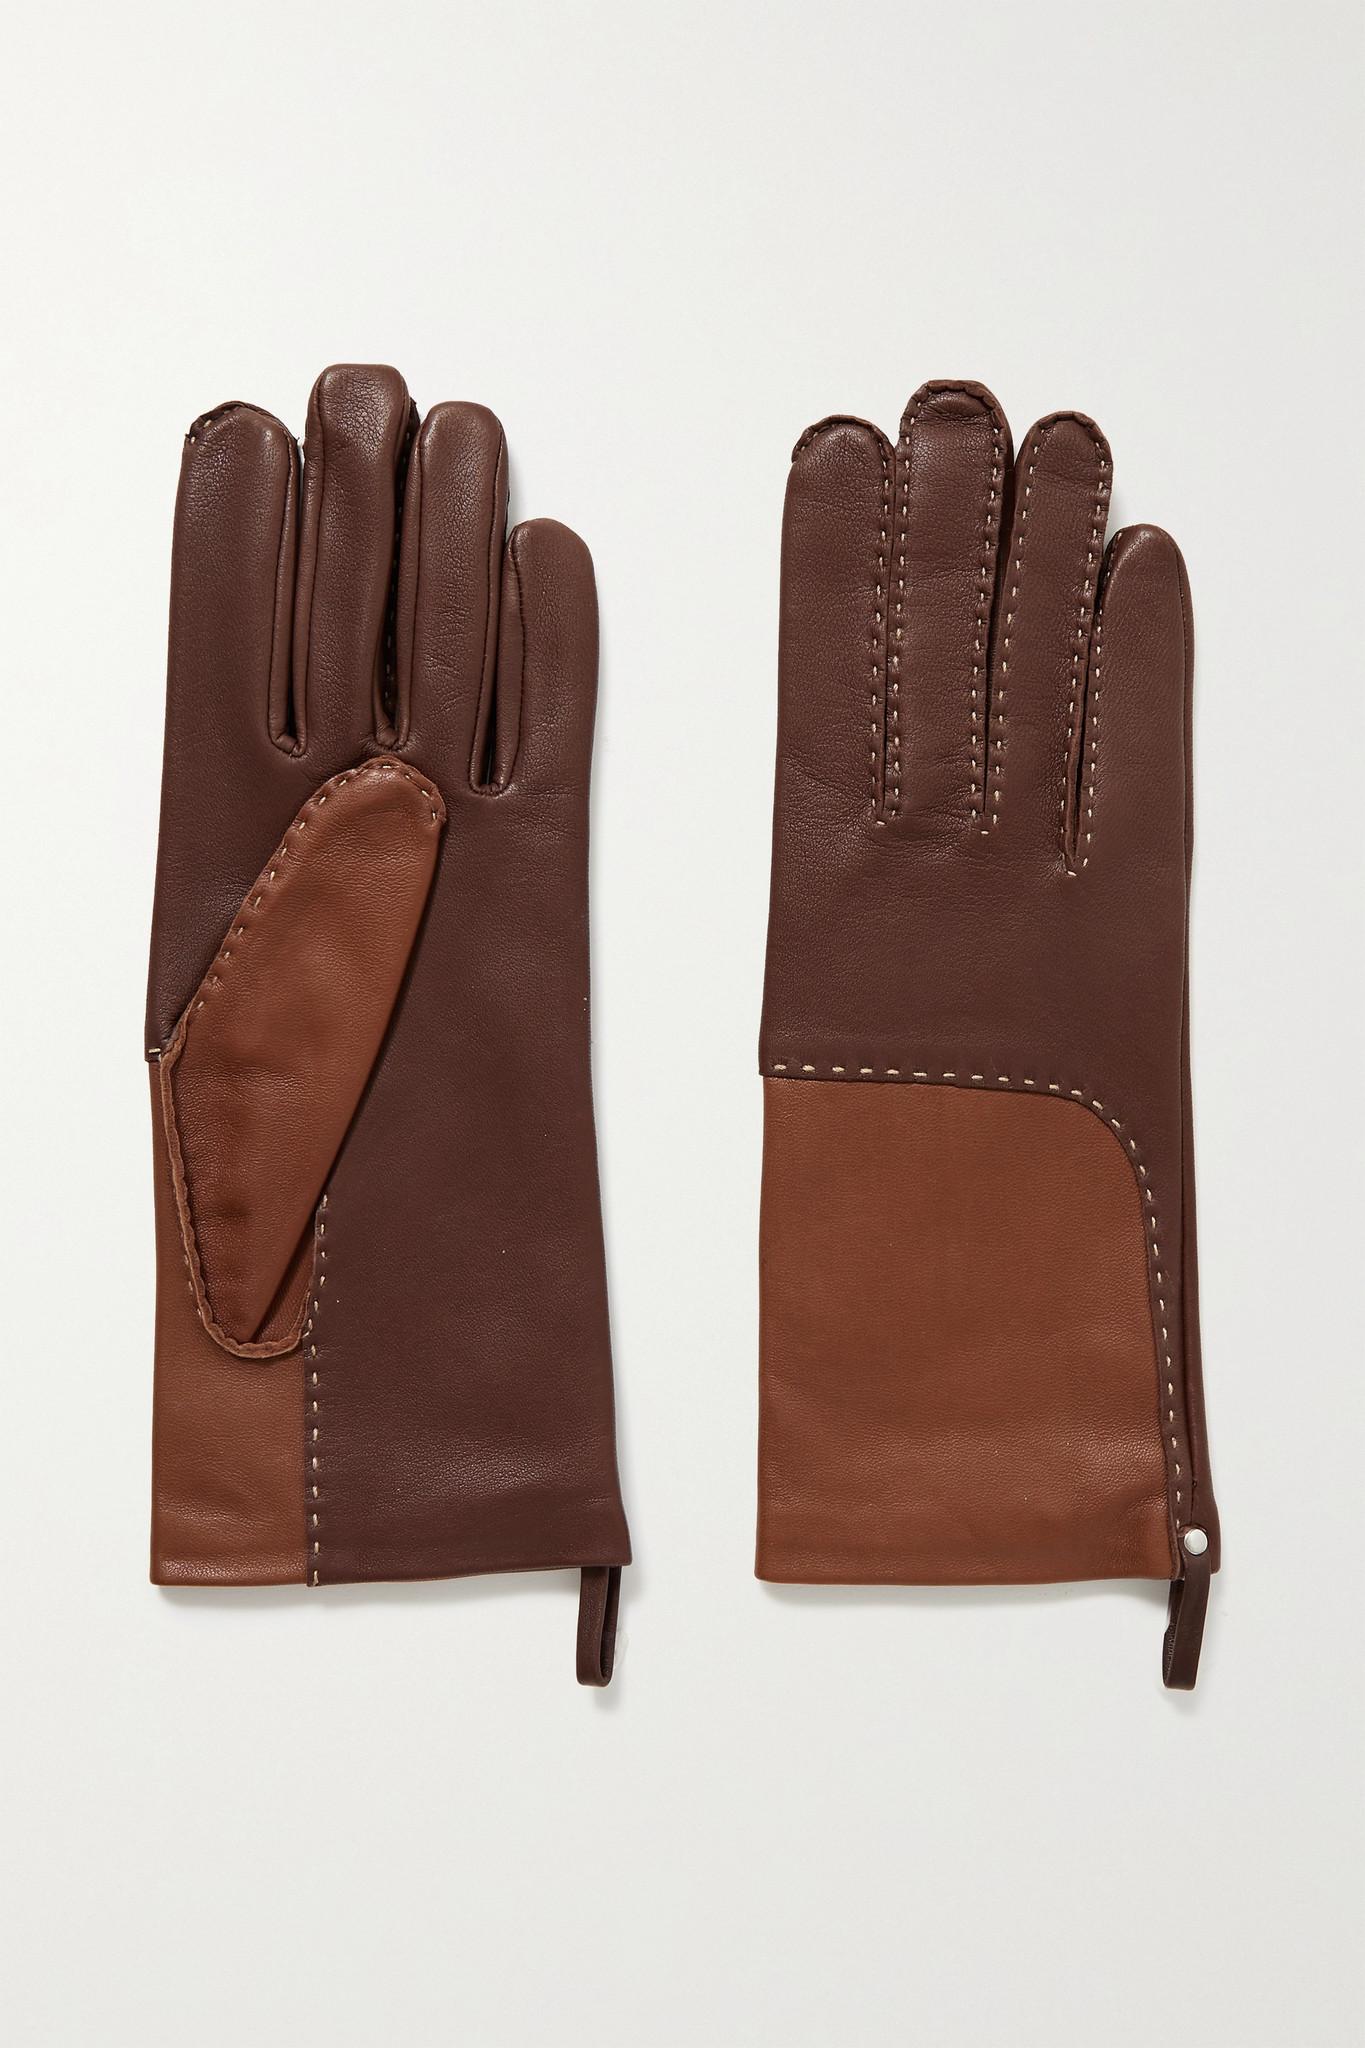 Agnelle - Yaelle 明线细节双色皮革手套 - 棕色 - 8